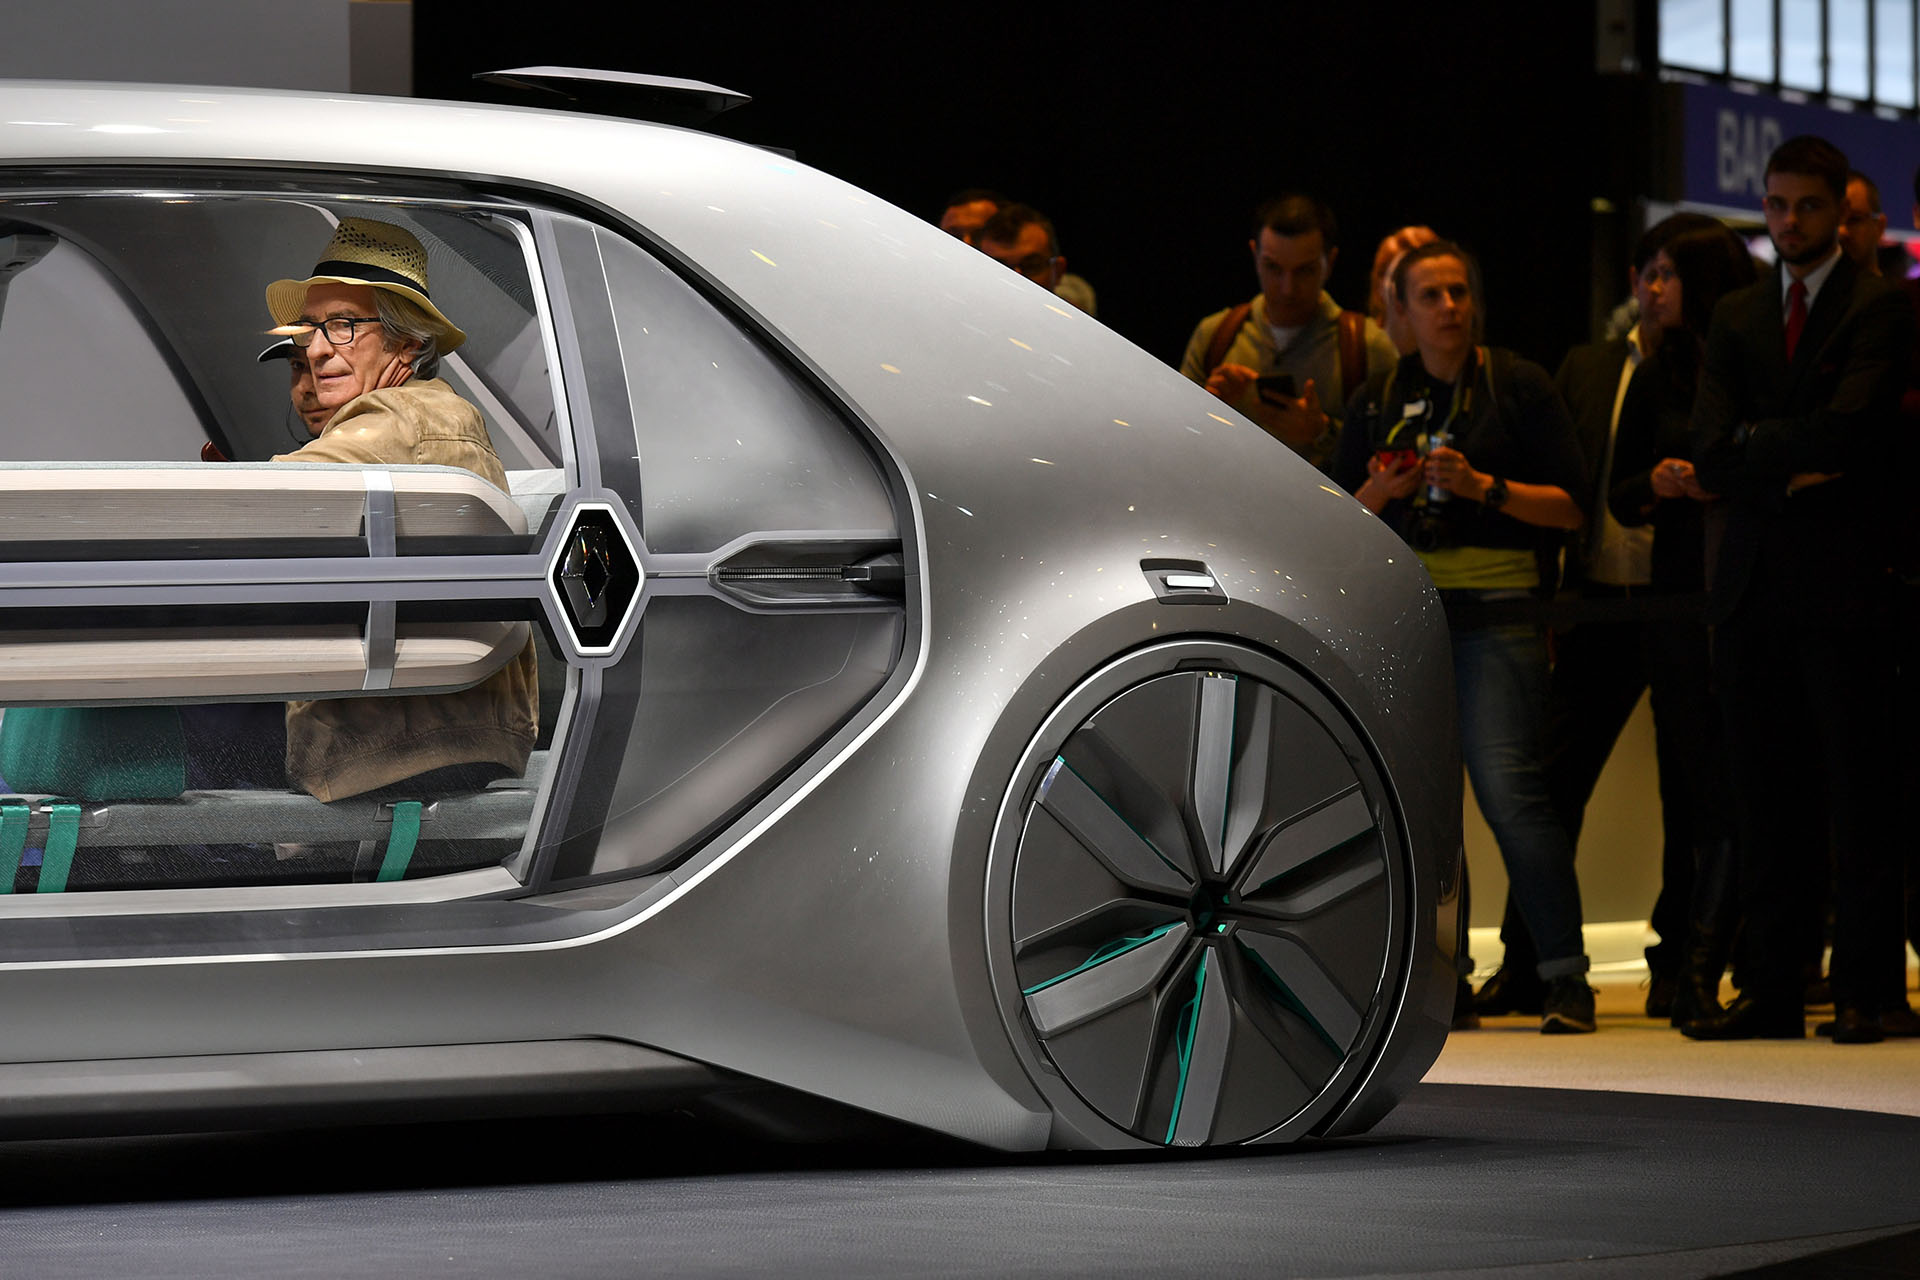 Un actor participó en la presentación del EZ-GO. La idea de la firma francesa es la de un auto para compartir, con nivel de autonomía 4 y una velocidad máxima de 50 kilómetros por hora que optimizaría el ritmo de las ciudades. Promete la búsqueda de una movilidad sostenible para todos, sin restricciones de capacidad cognitivas y motoras